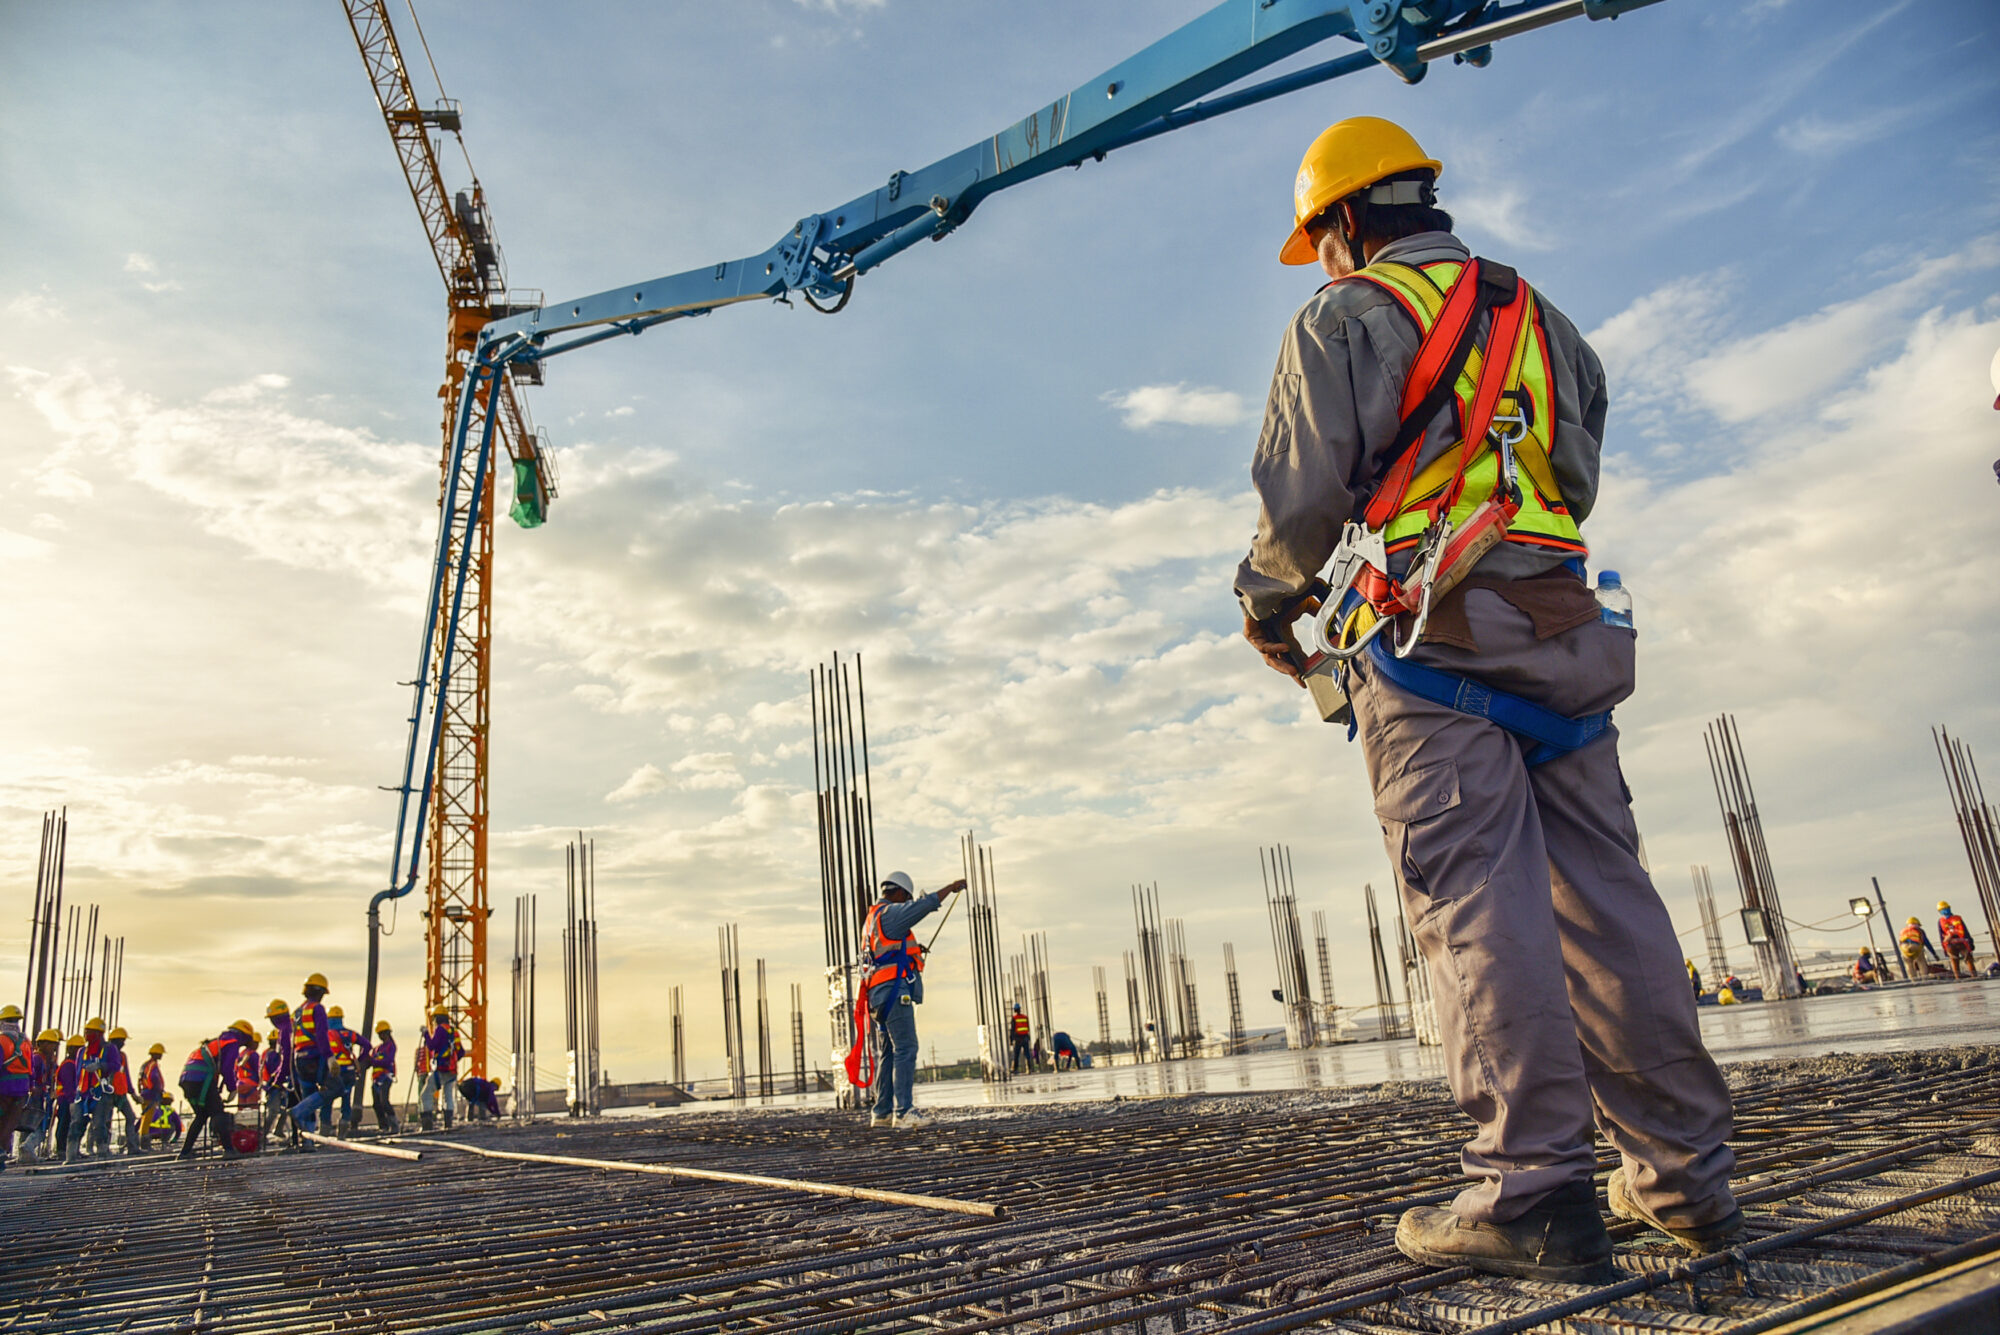 Provincie maakt vaart met woningbouw, Provinciale Staten stemt in met Actieplan Wonen